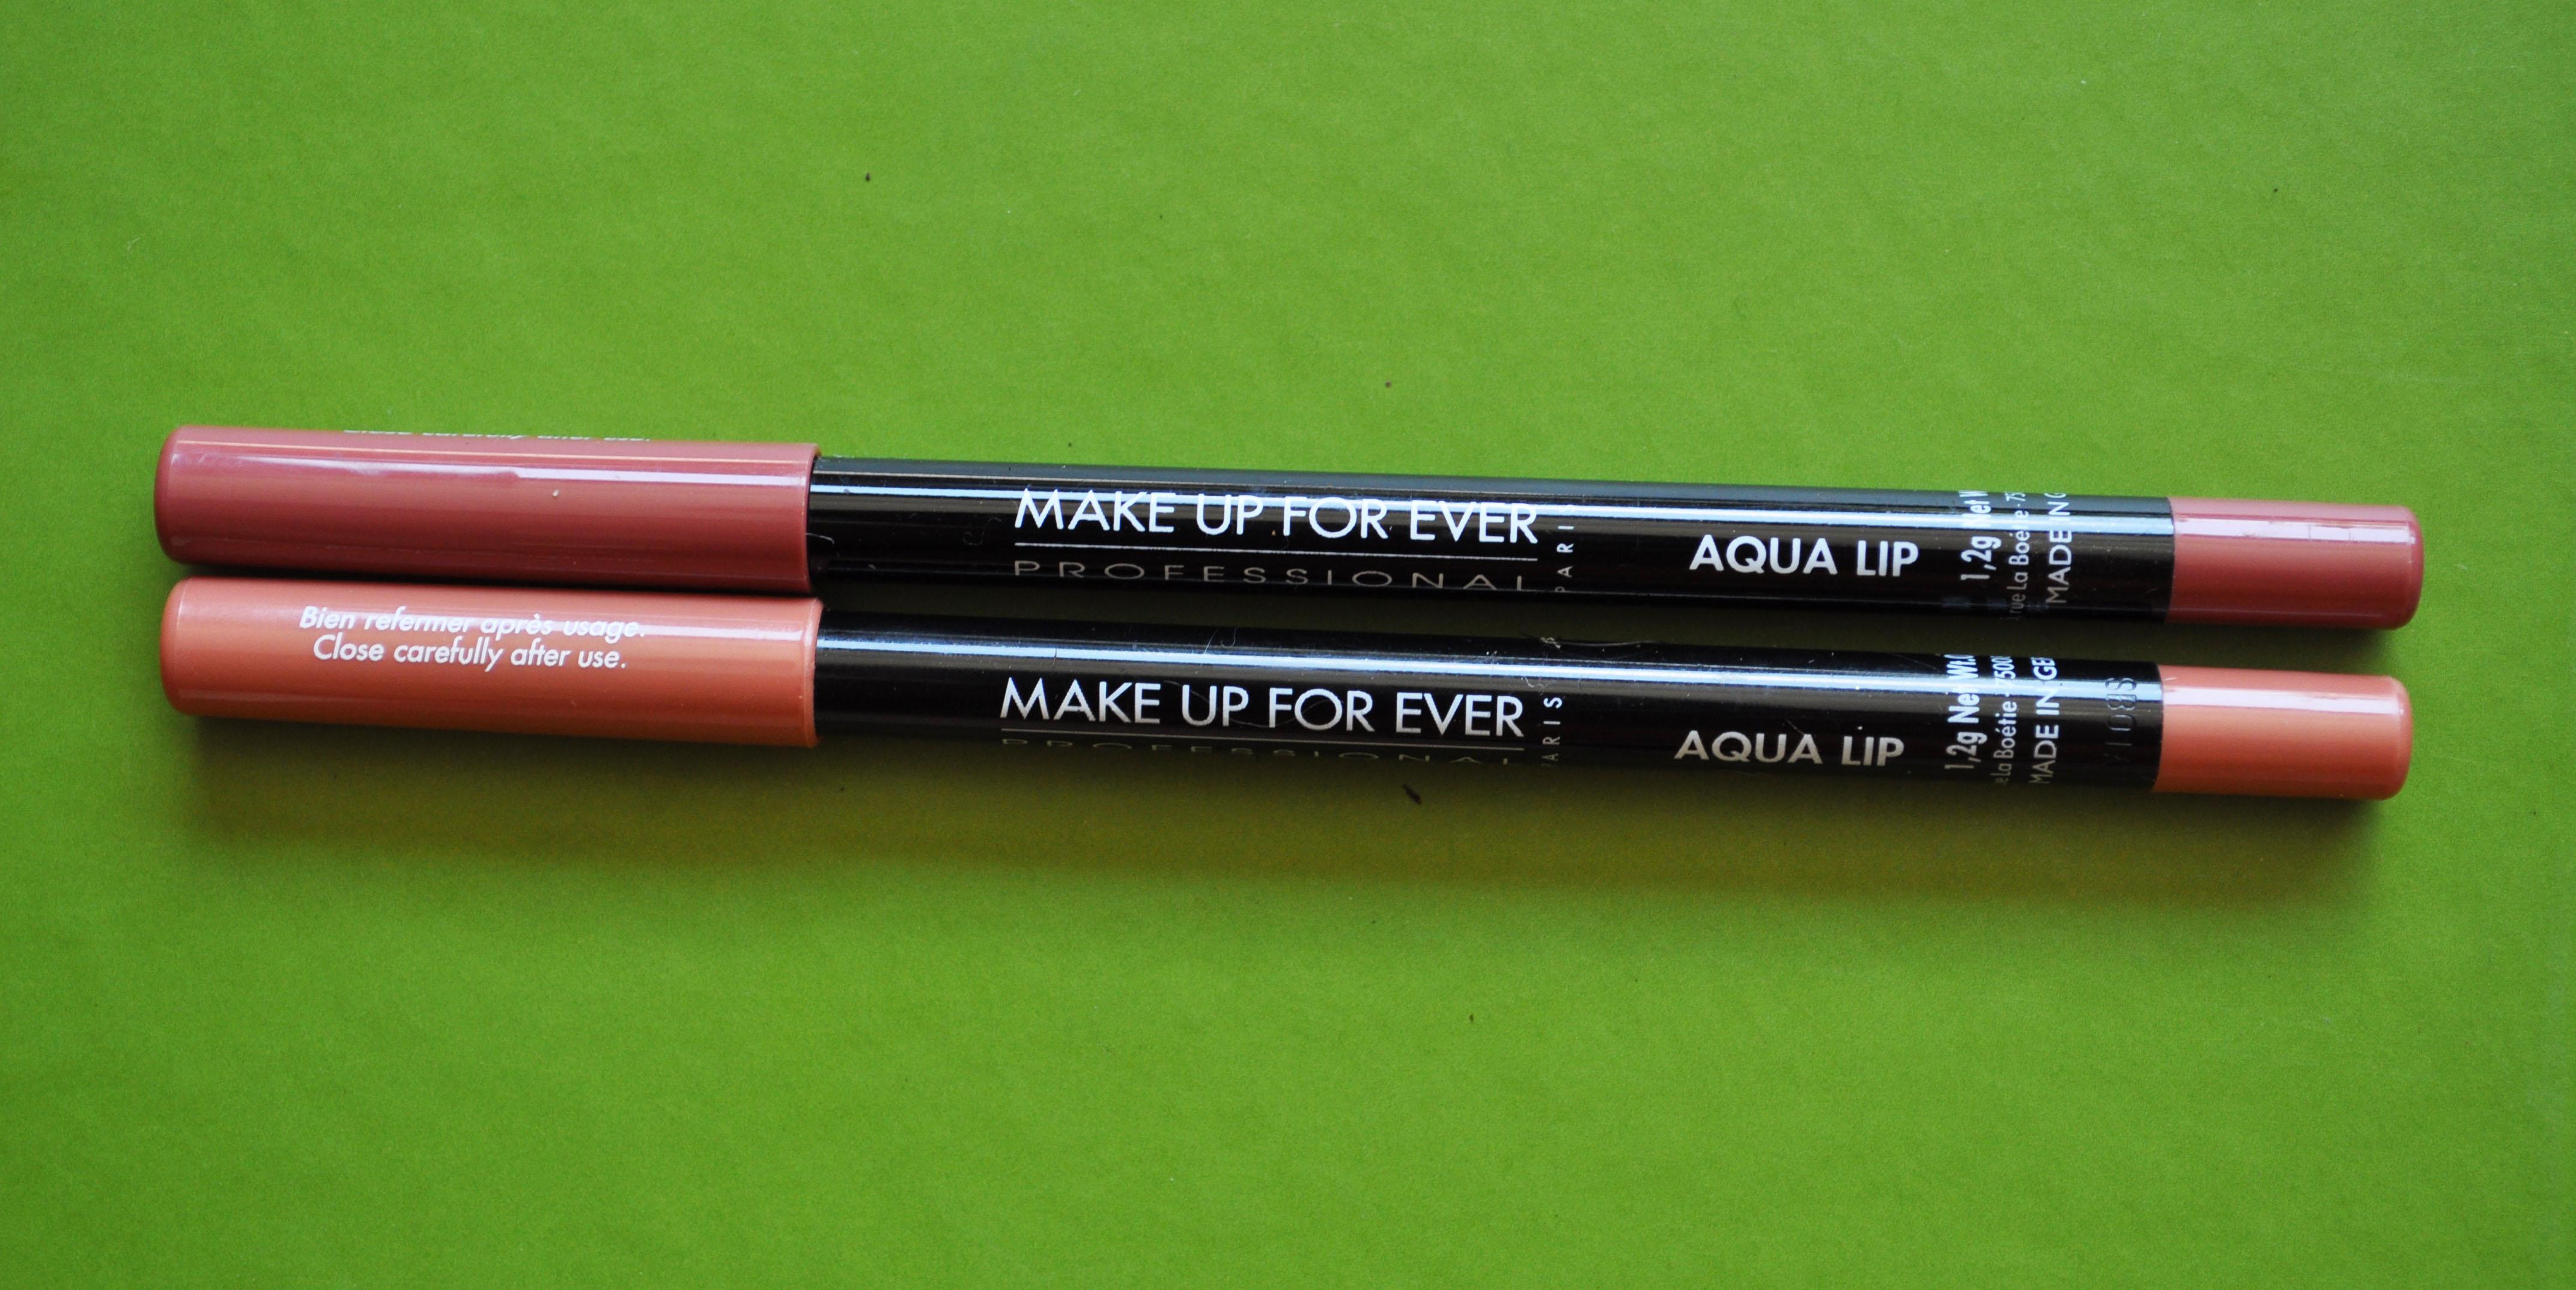 Aqua Lip Liner Pencil By Makeup Forever